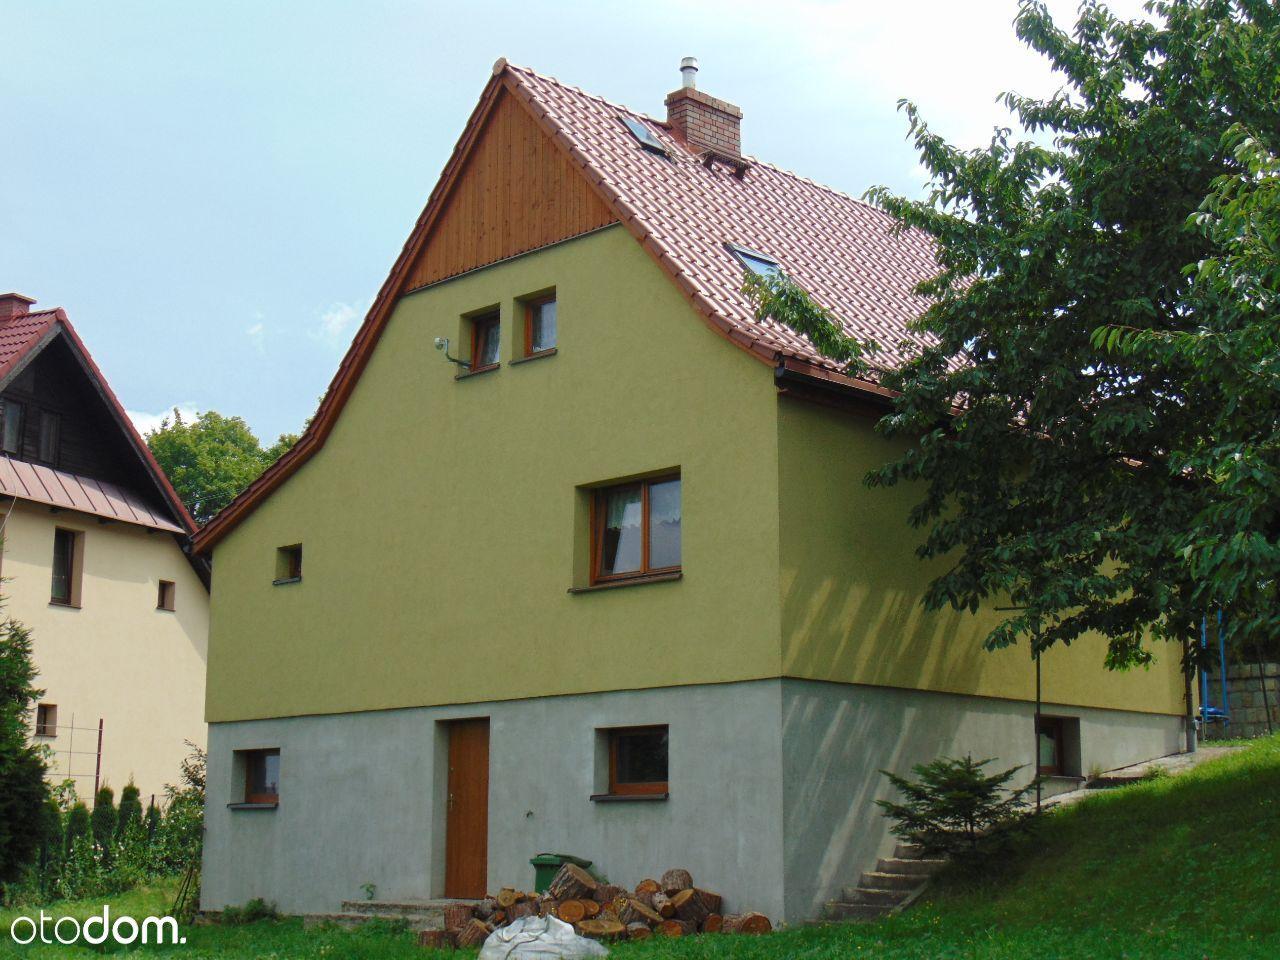 Dom na sprzedaż, Złoty Stok, ząbkowicki, dolnośląskie - Foto 4